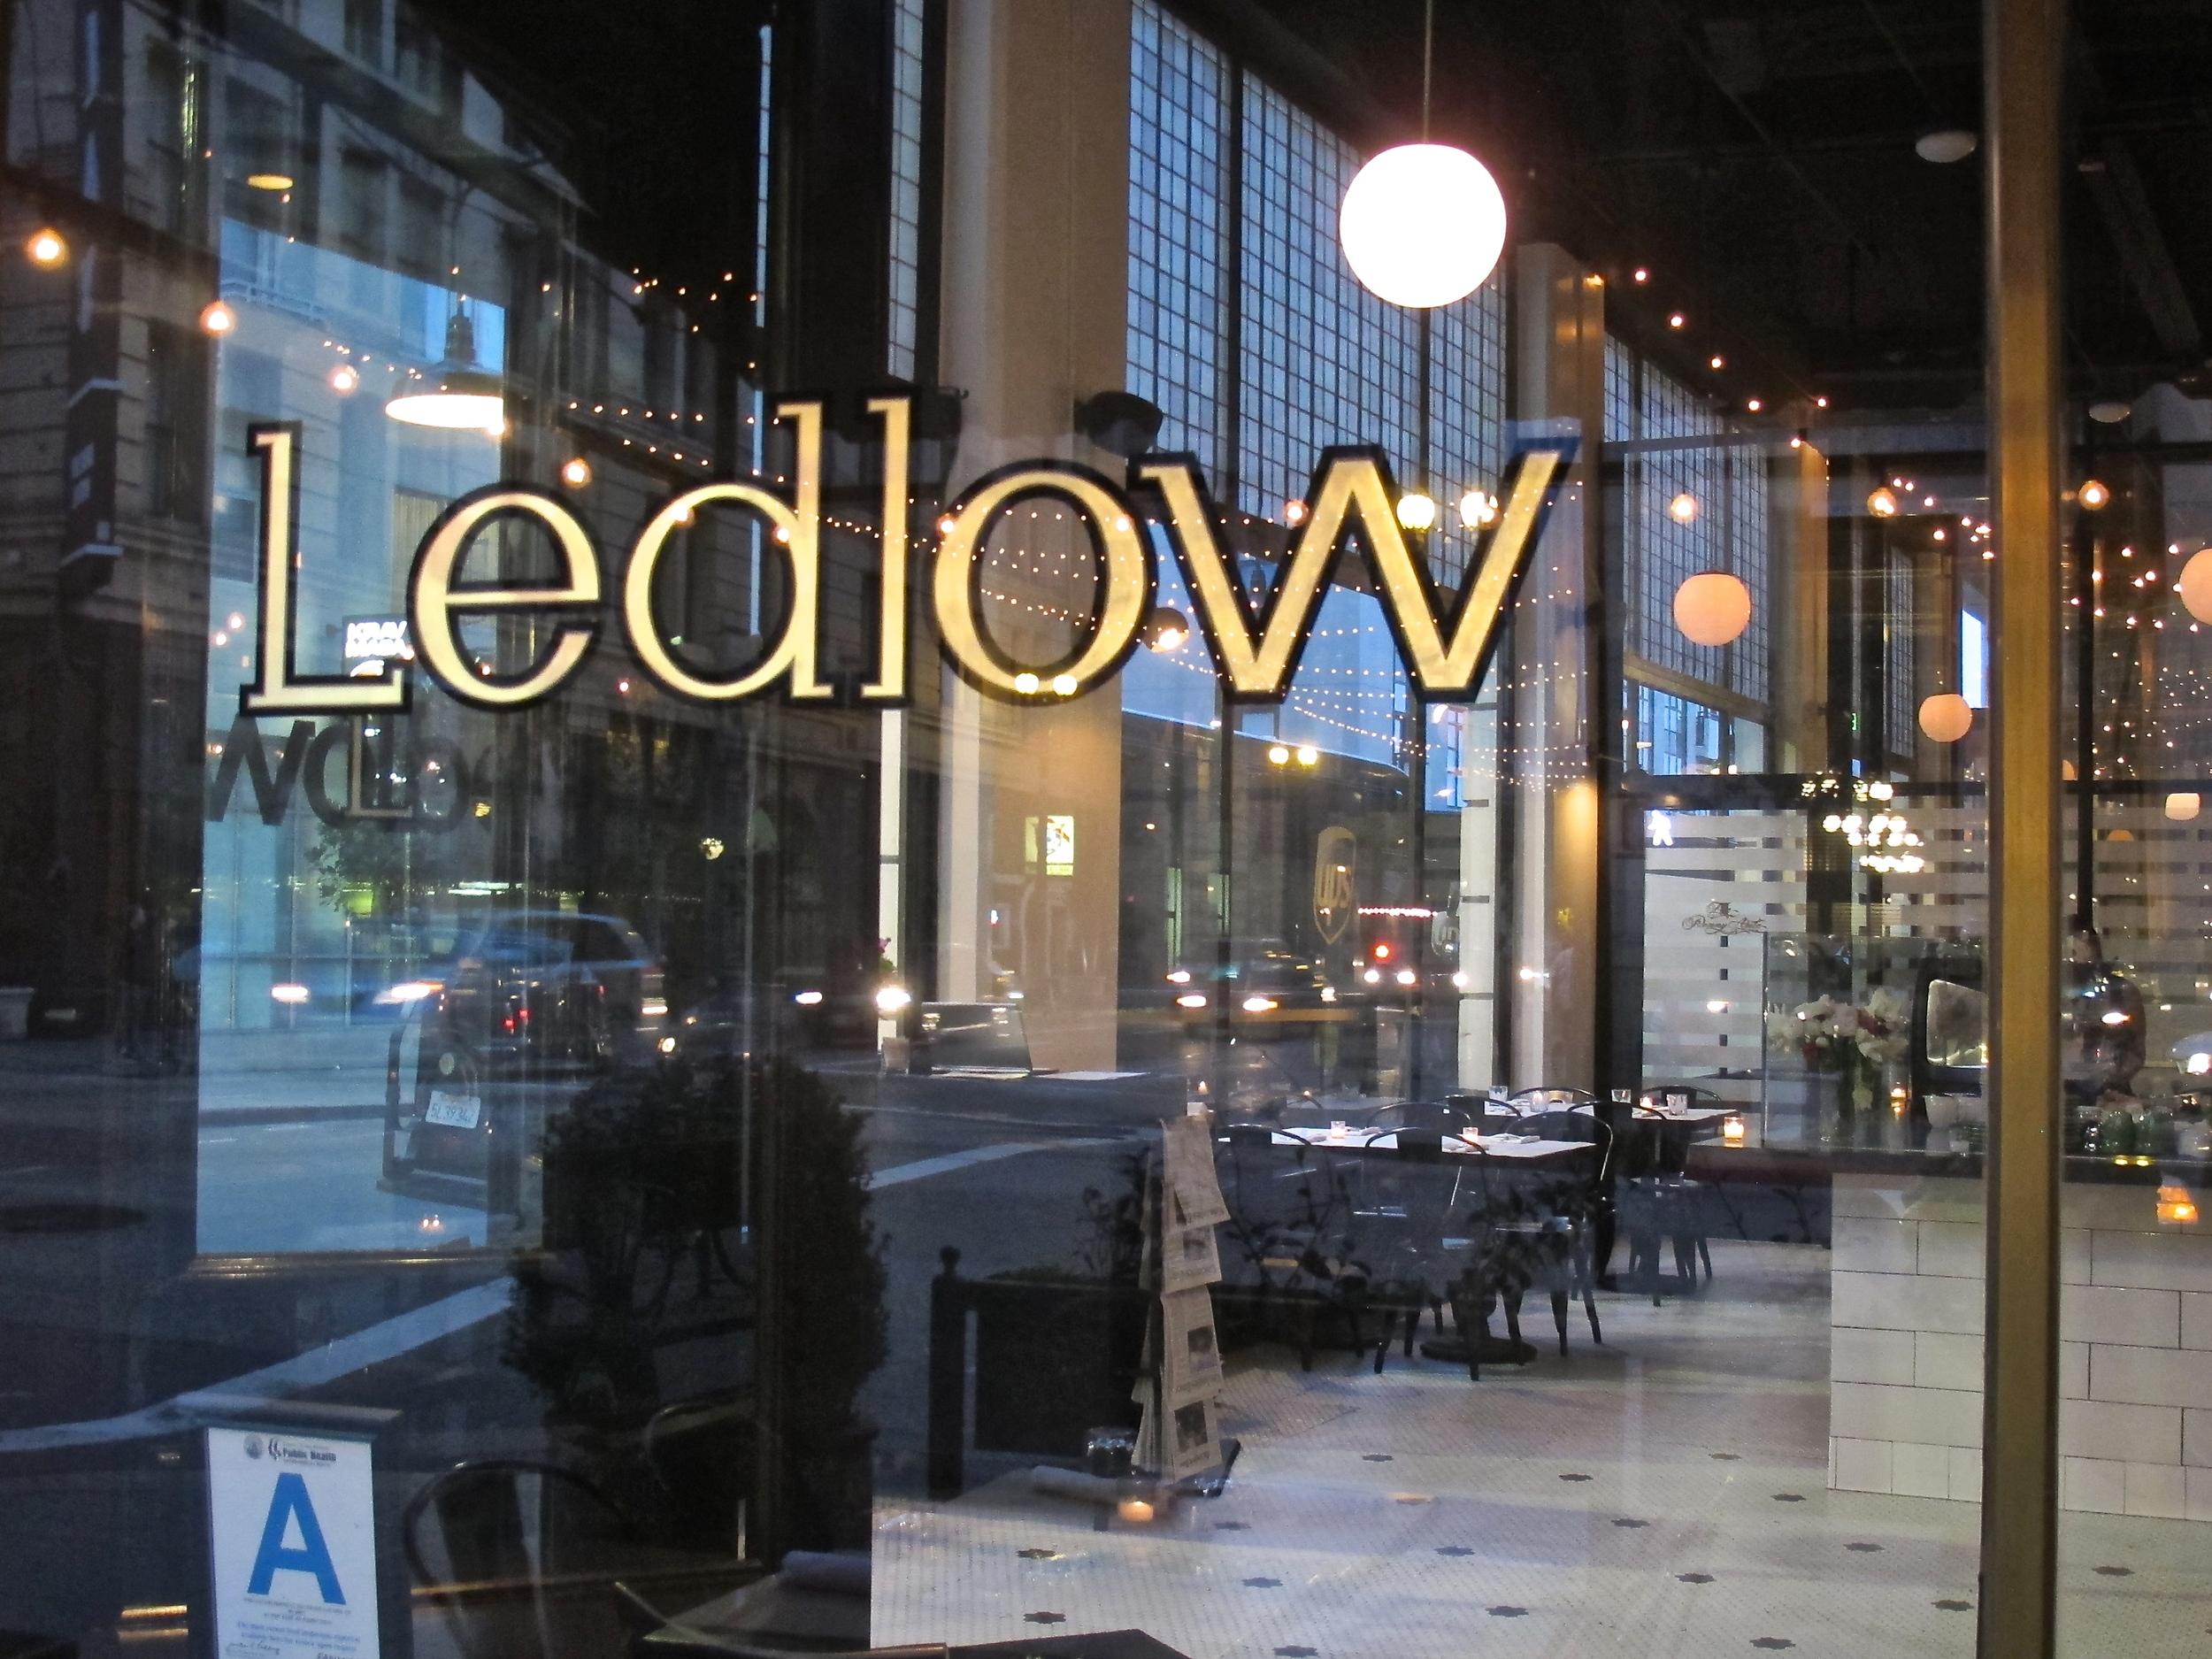 Ledlow.JPG